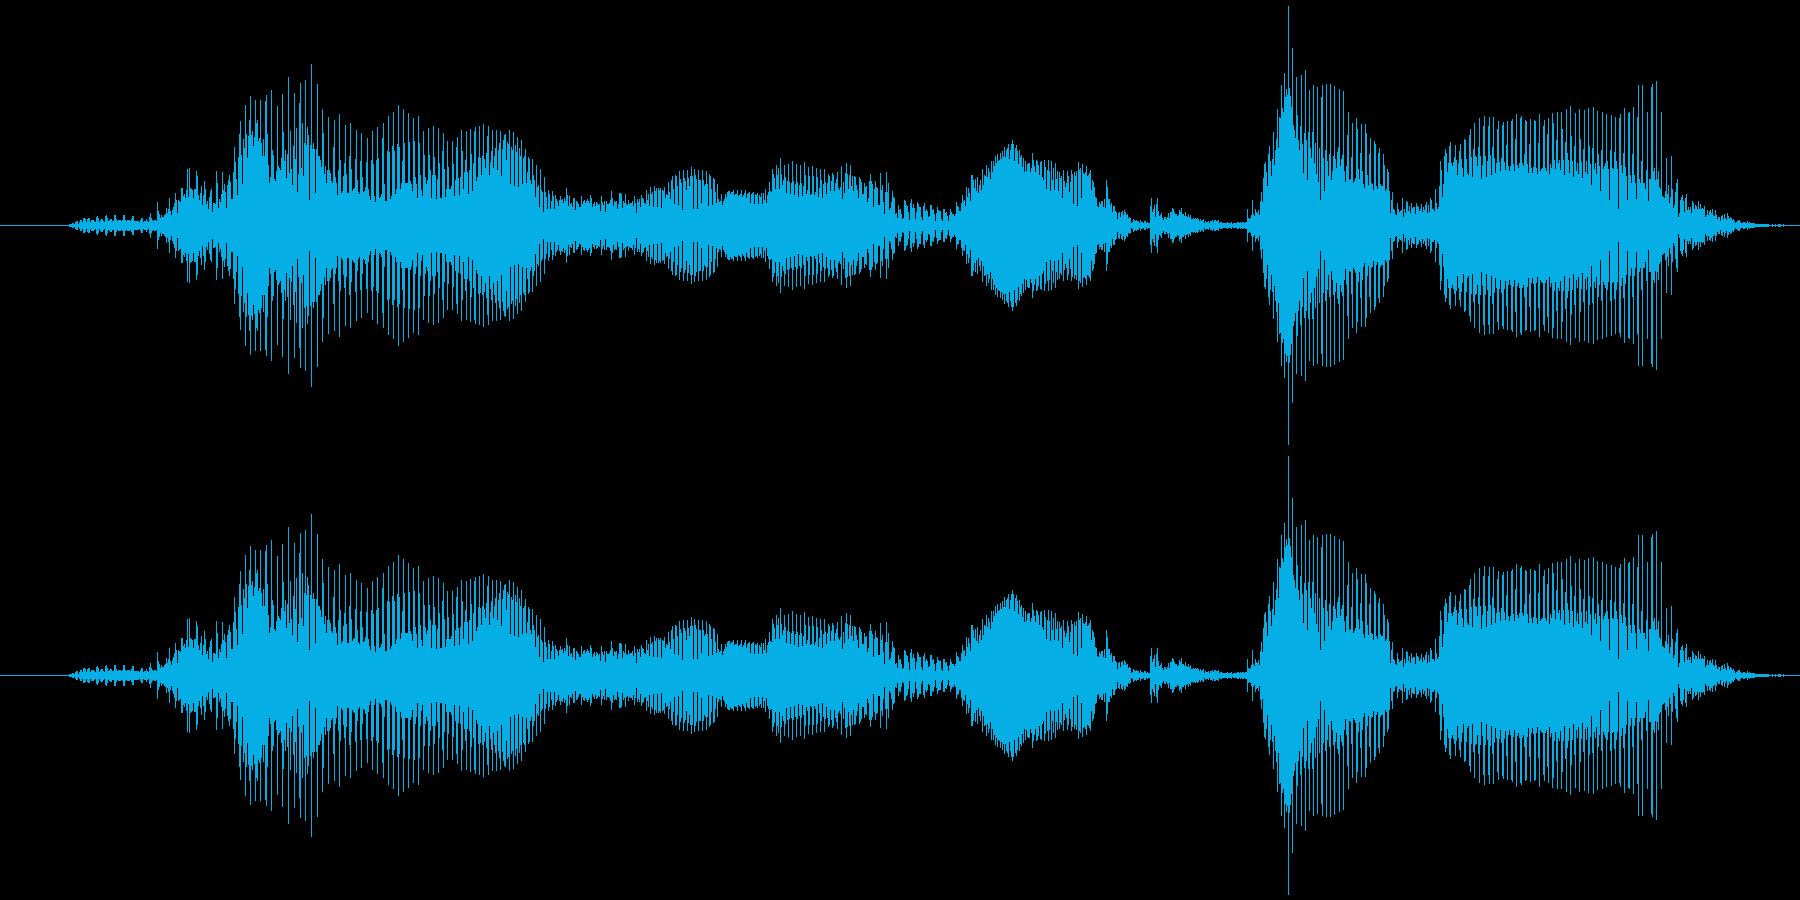 「上手にできたね」子供向けアプリ男性声の再生済みの波形